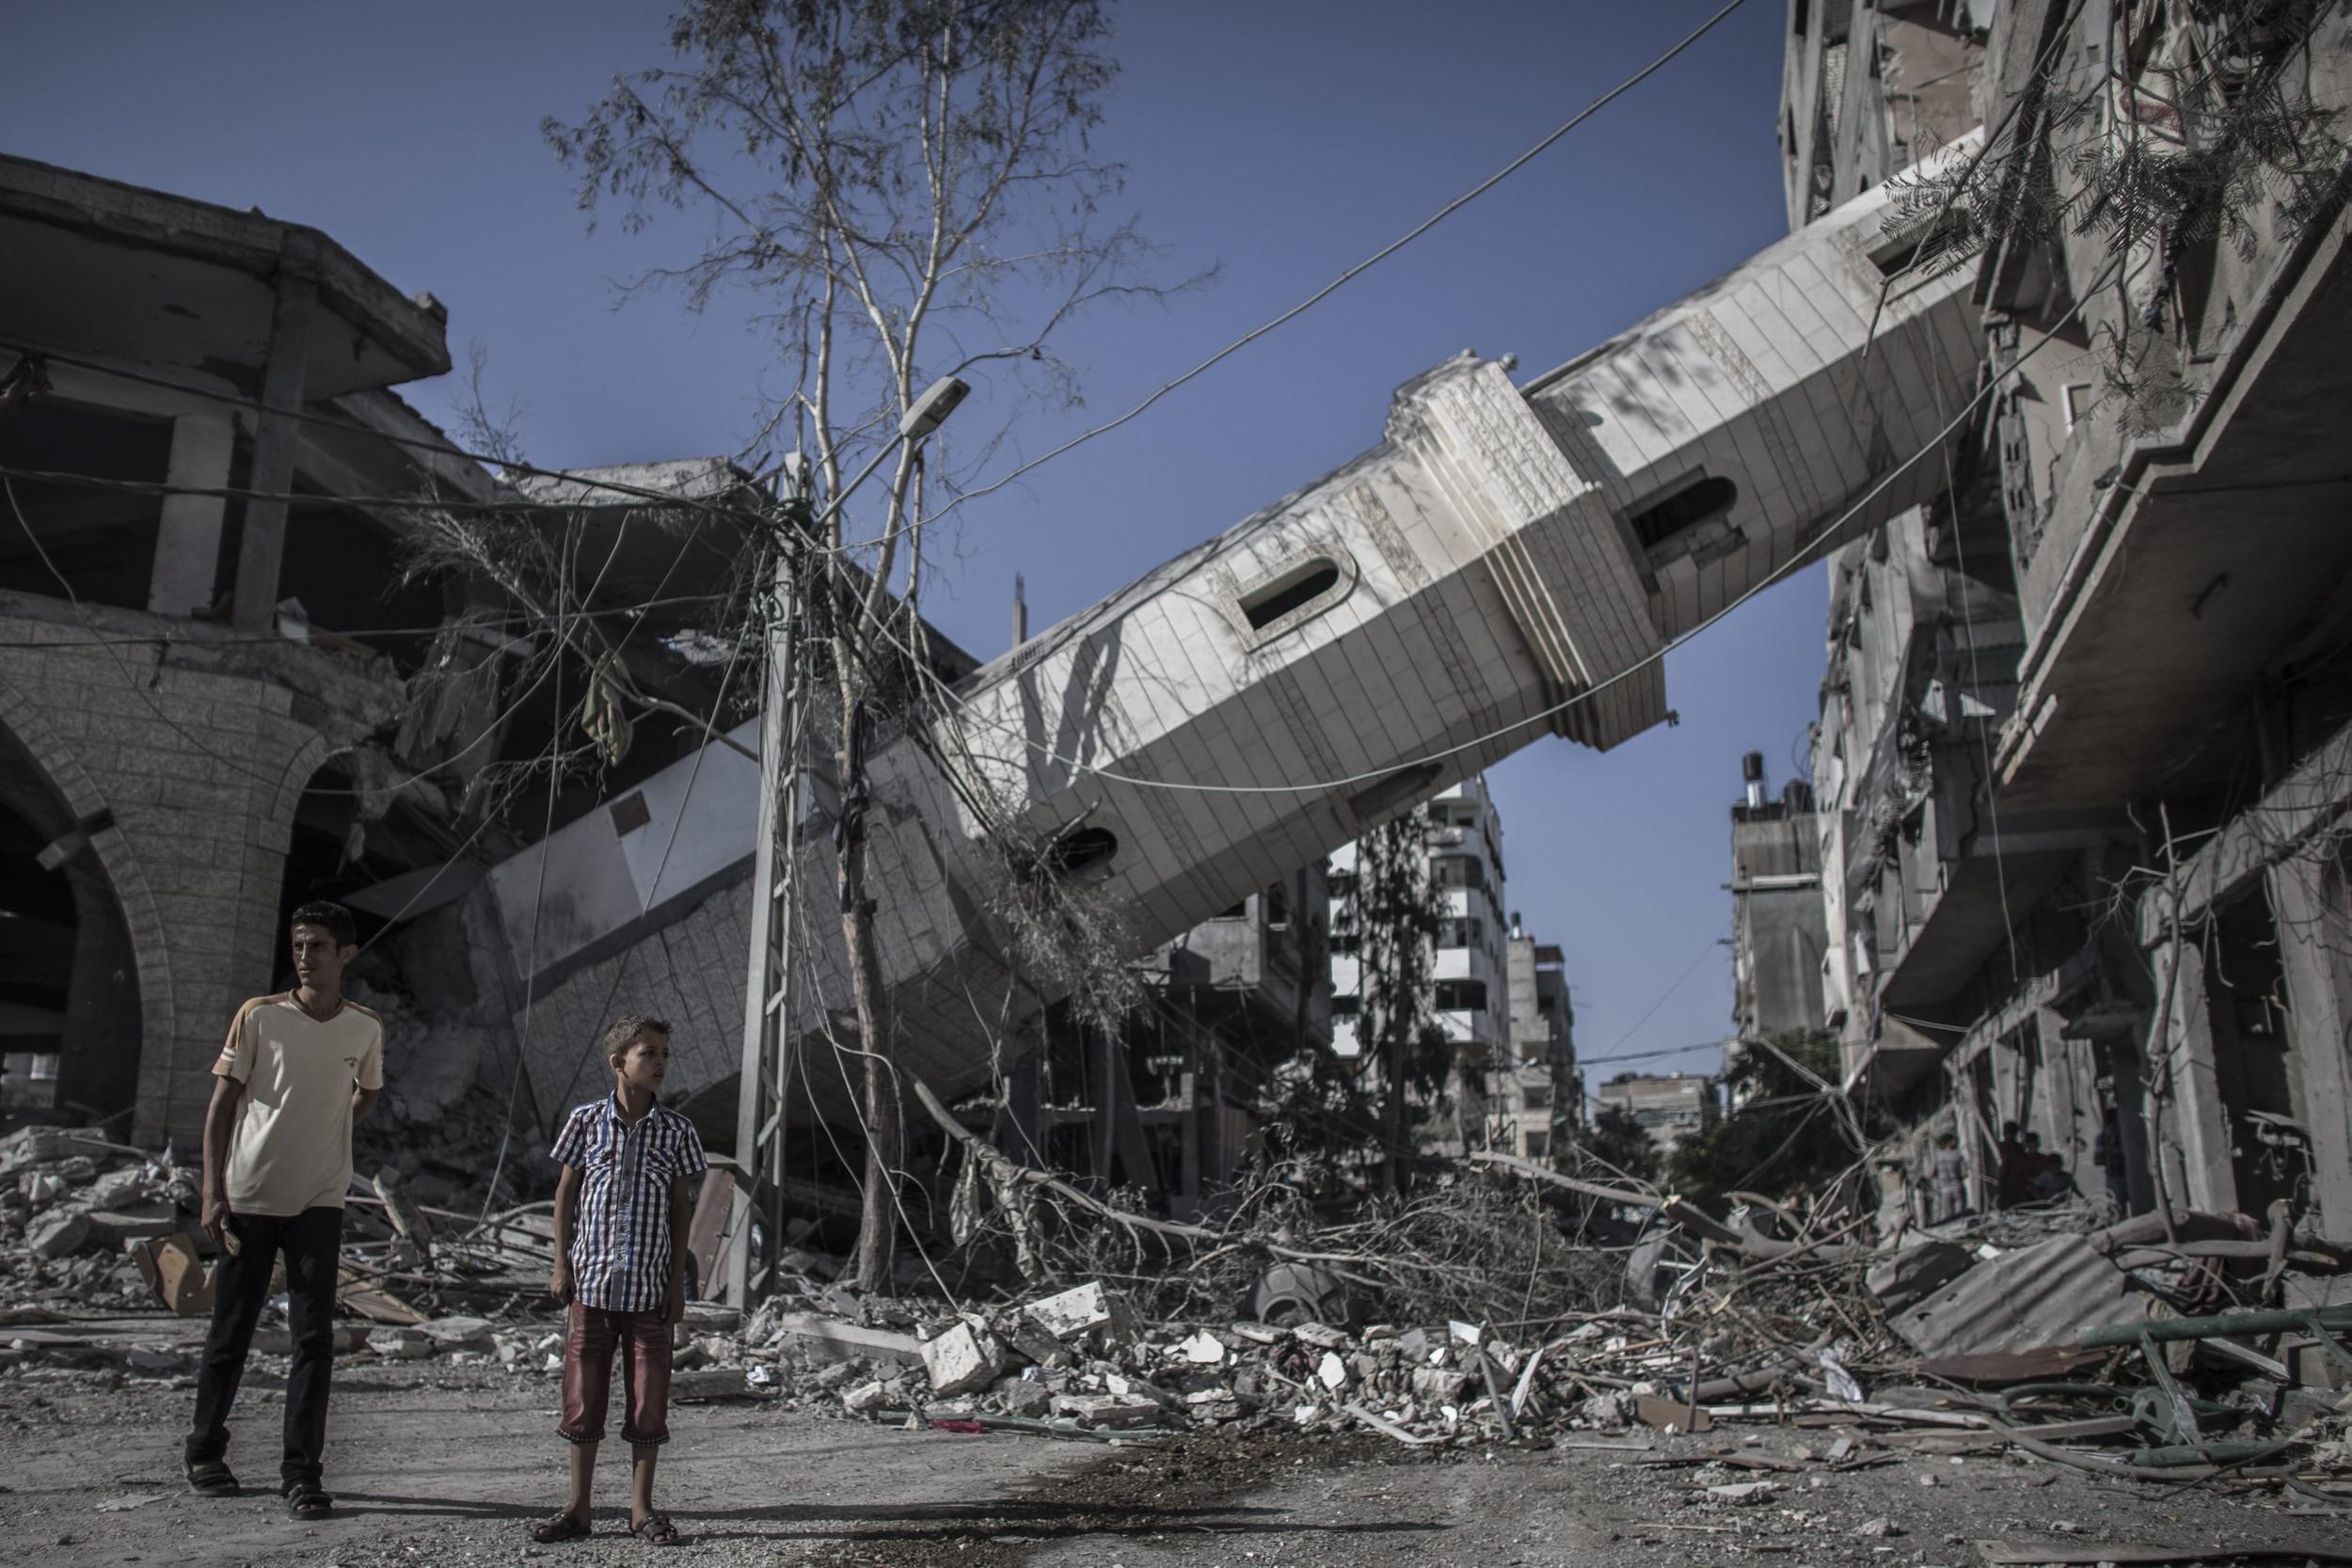 עזה Photo: Chile, Peru Recall Ambassadors From Israel Over Gaza